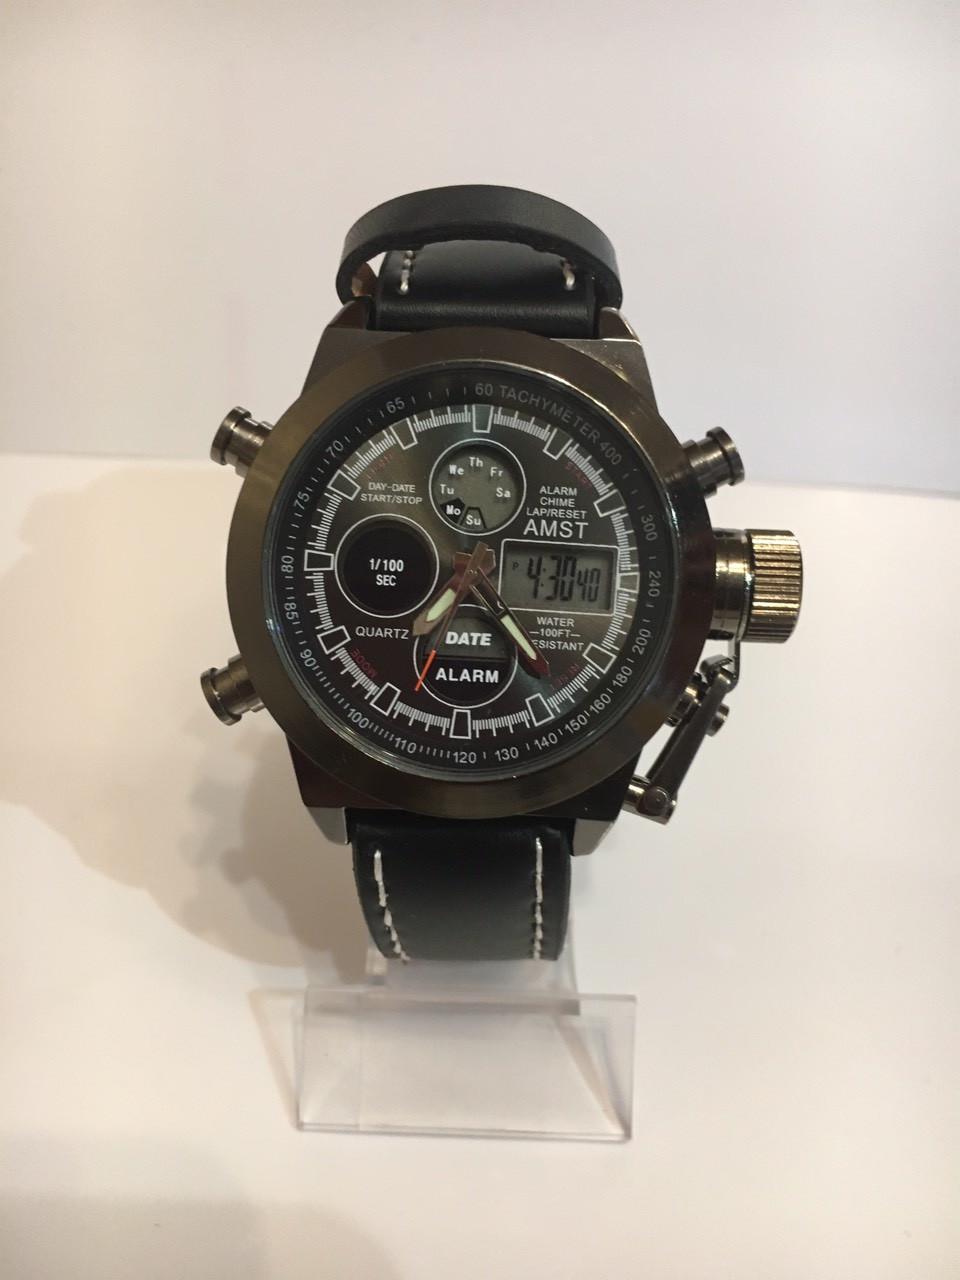 Мужские наручные часы AMST, черный антрацит, фото 1